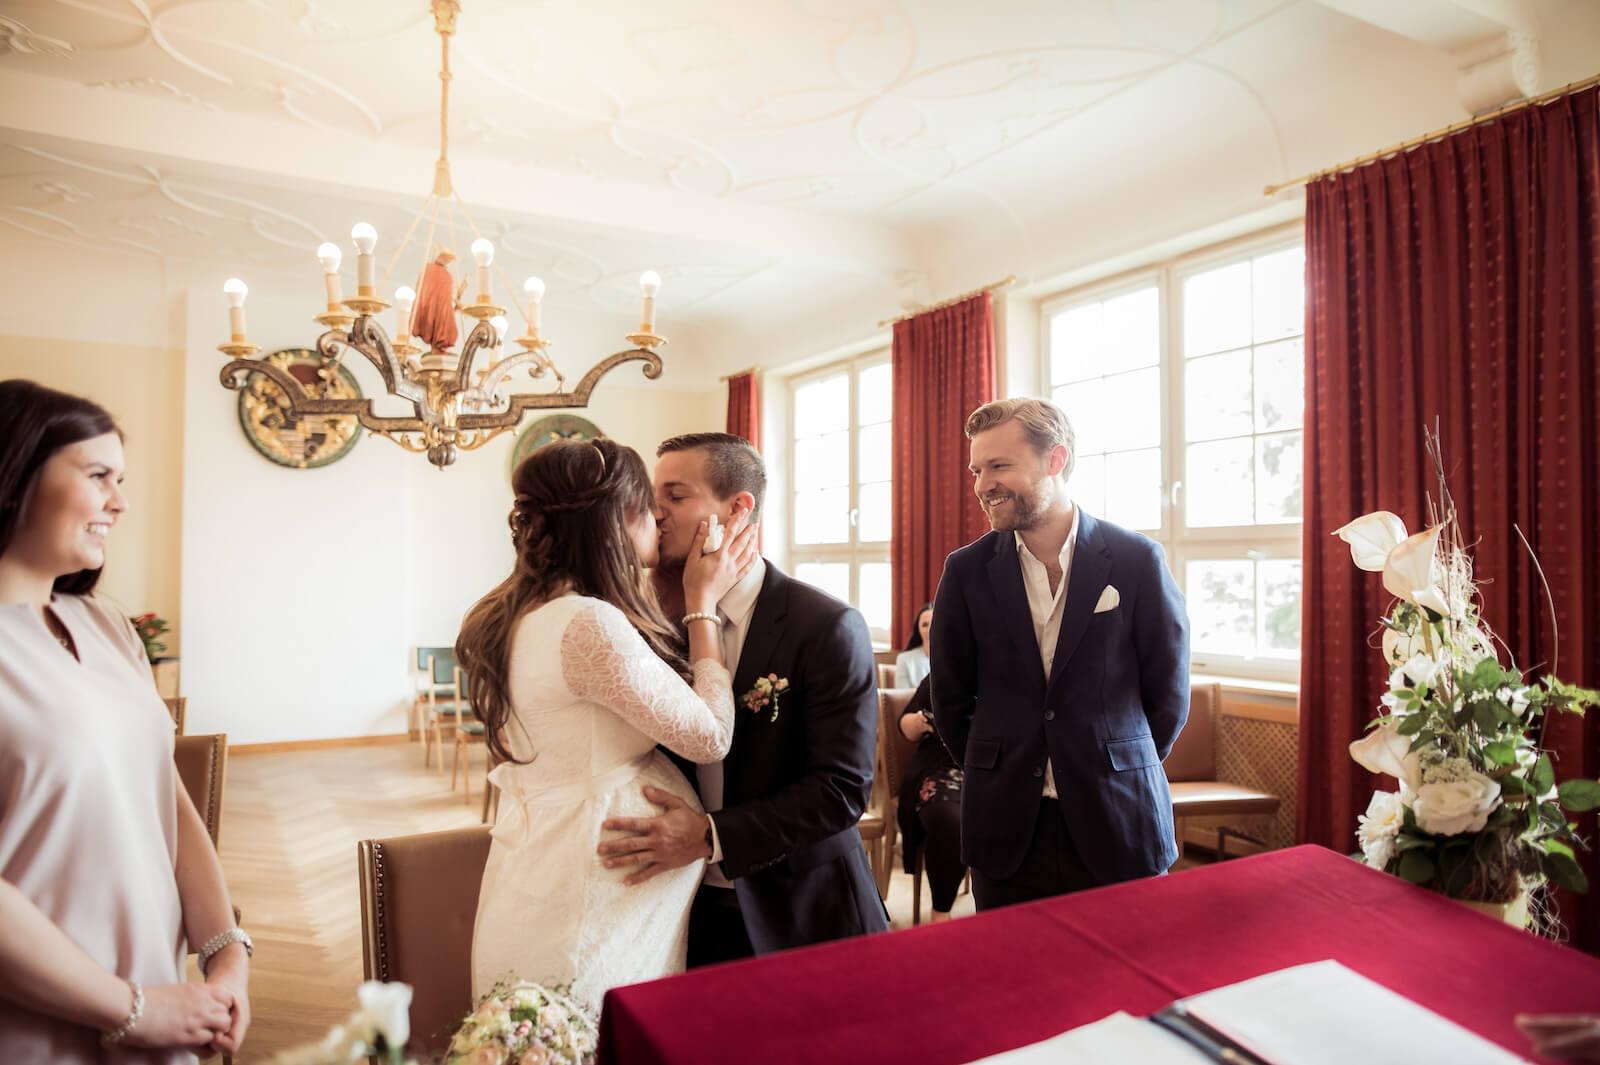 Hochzeit mit Babybauch - das Brautpaar küsst sich nach dem Ja-Wort im Standesamt